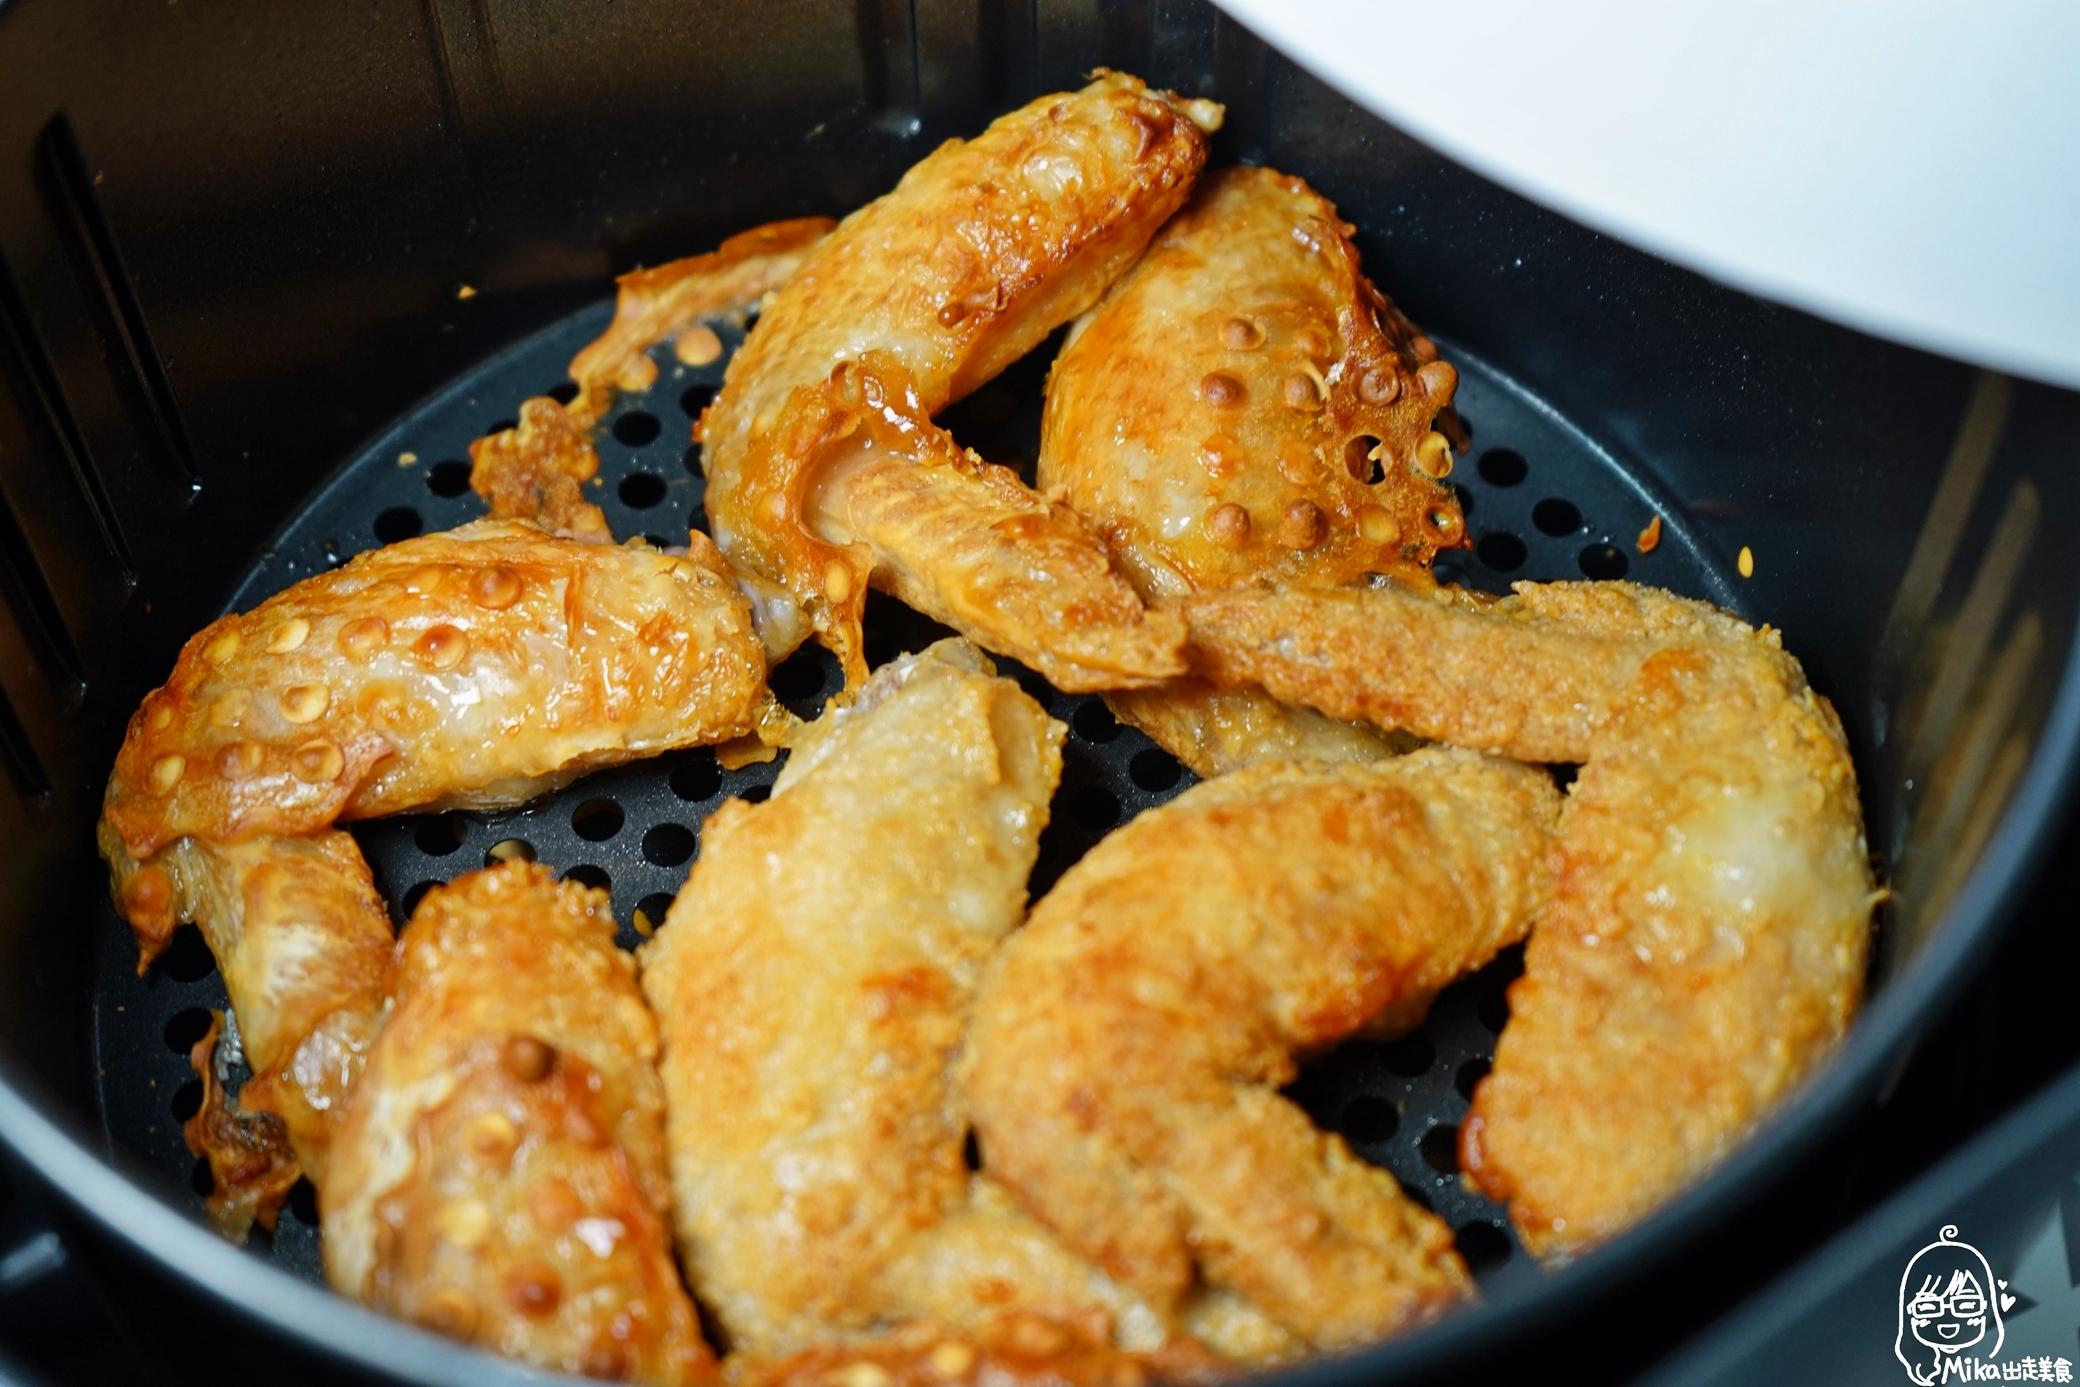 『懶人。料理』 日清醬油味炸雞翅|芷要上菜 氣炸鍋出好料  善用日清炸雞粉 輕鬆做出美味炸物料理。